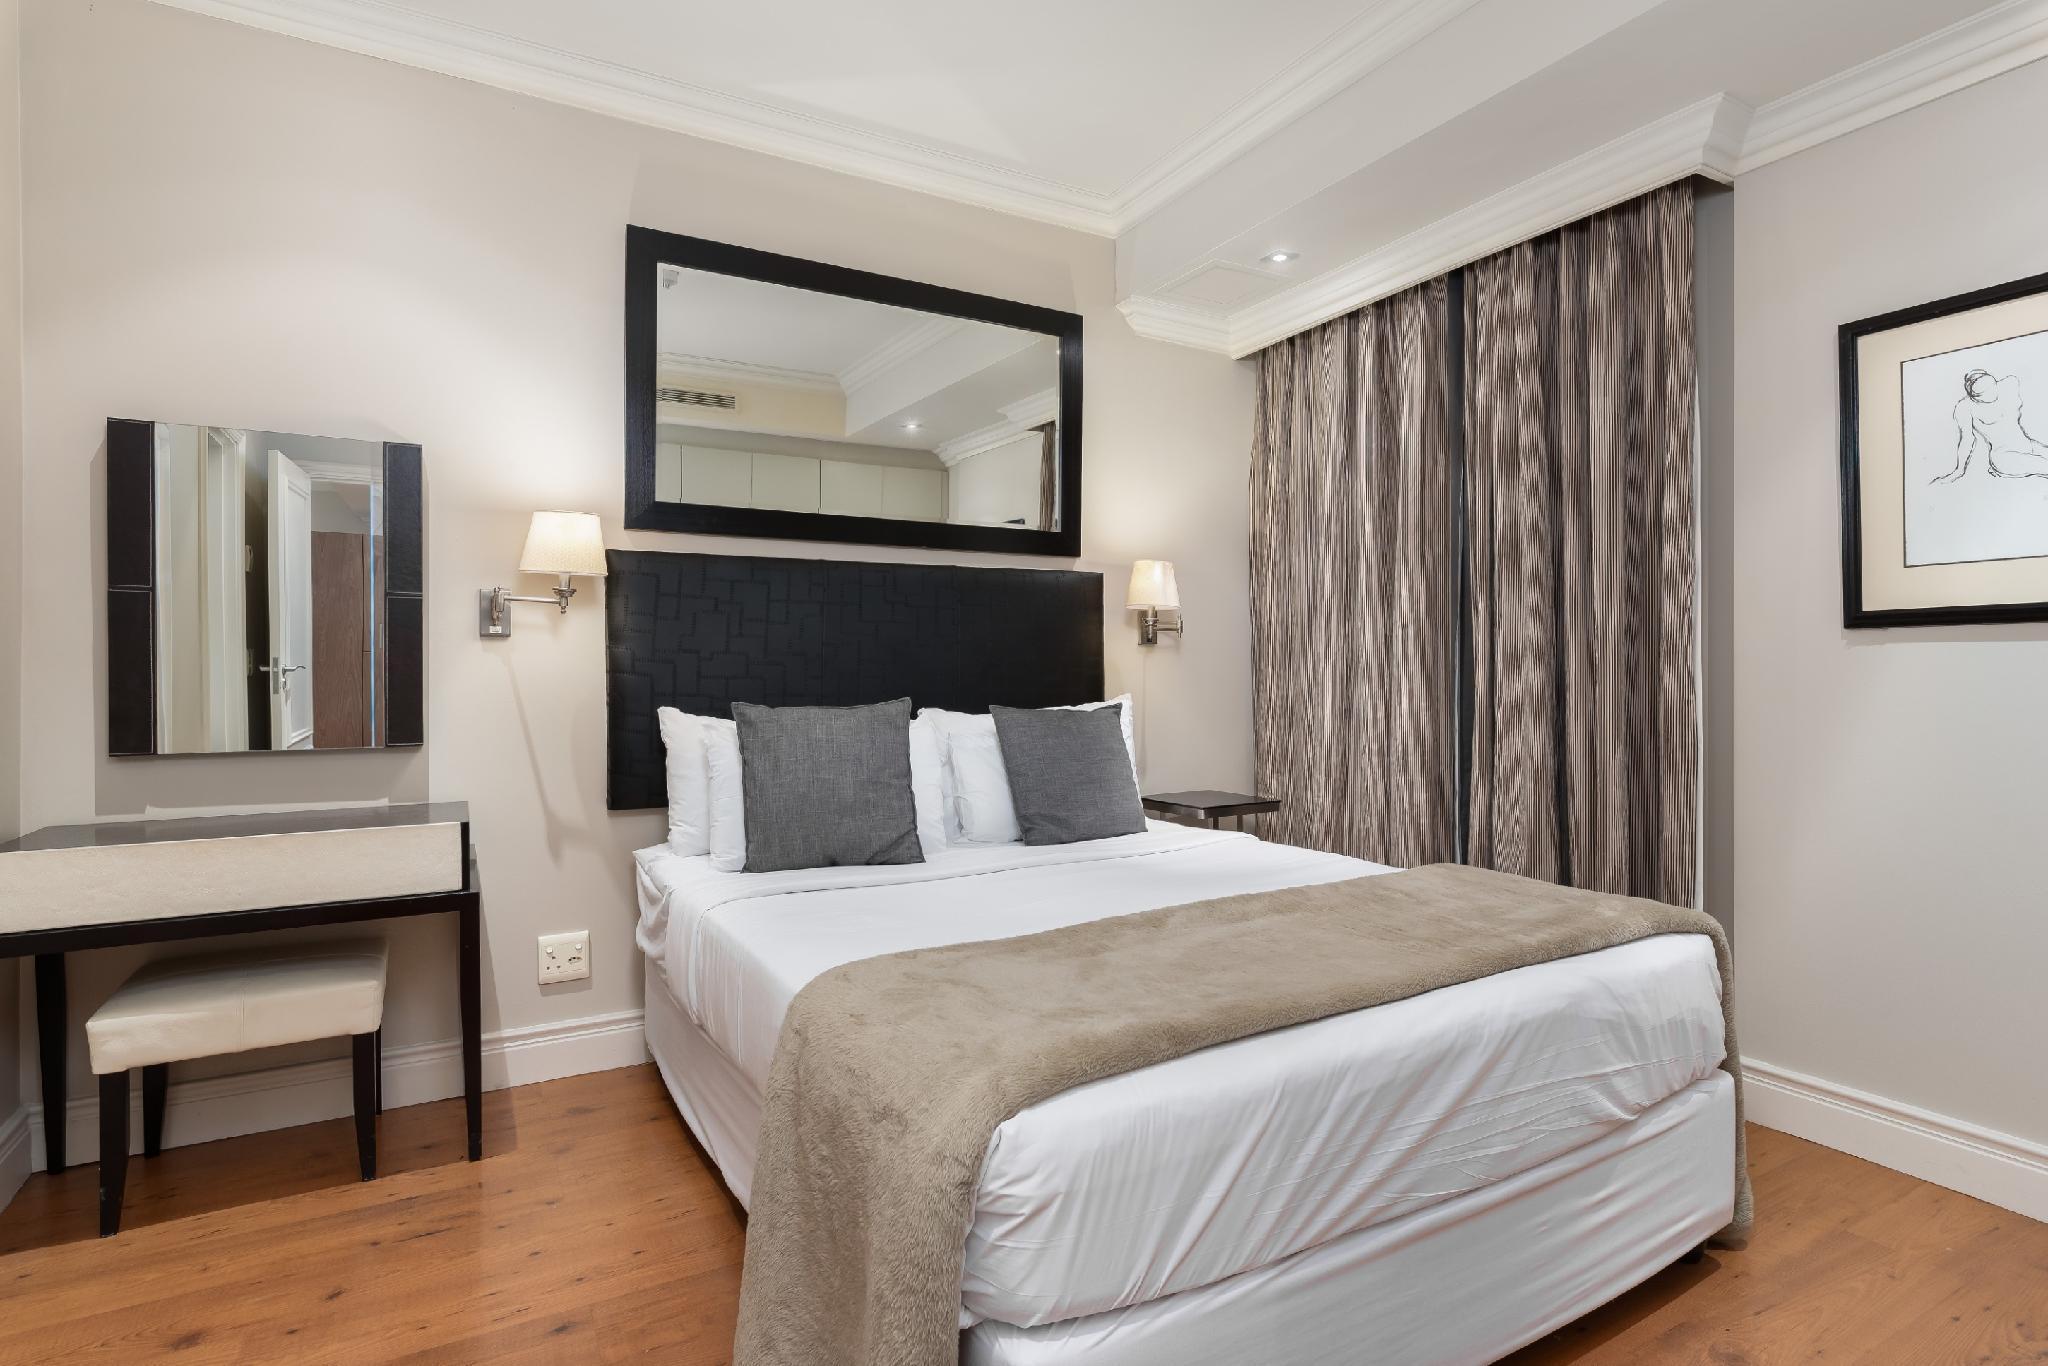 Luxury 2 Bedroom In Cape Town